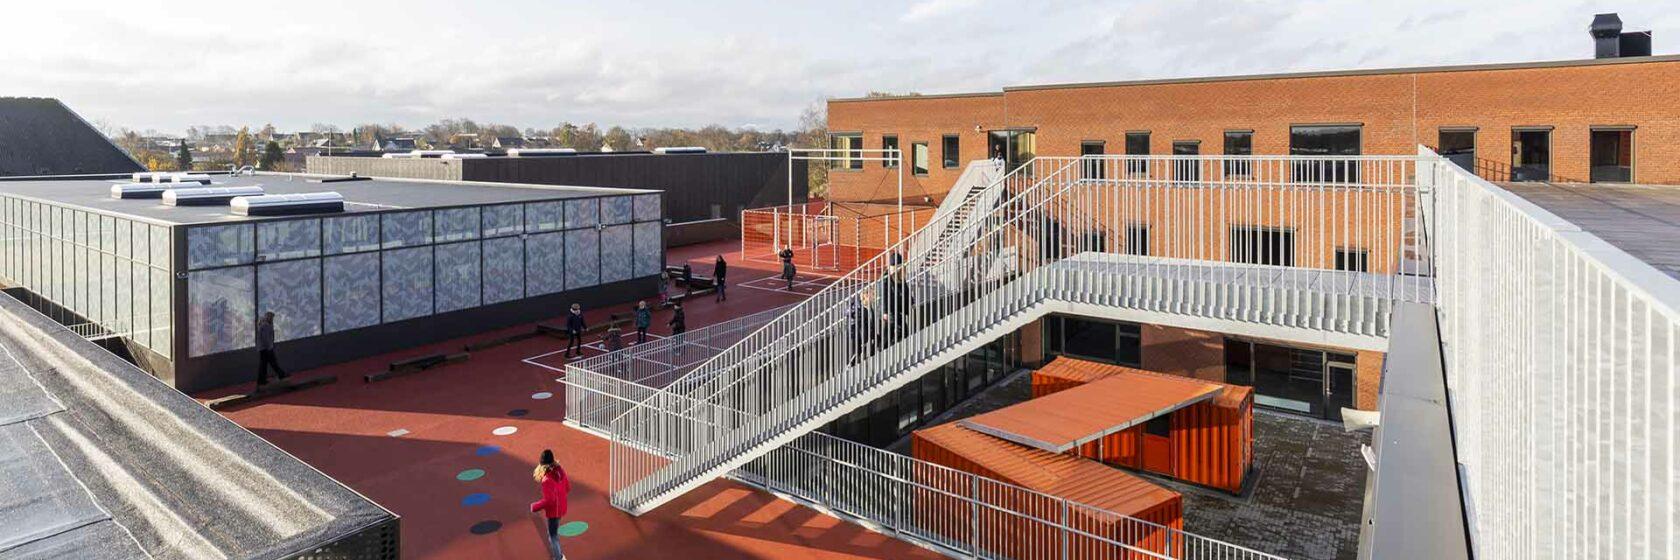 Schoolplein met sportveld van school Lindbjergskolen in Herning in Denemarken